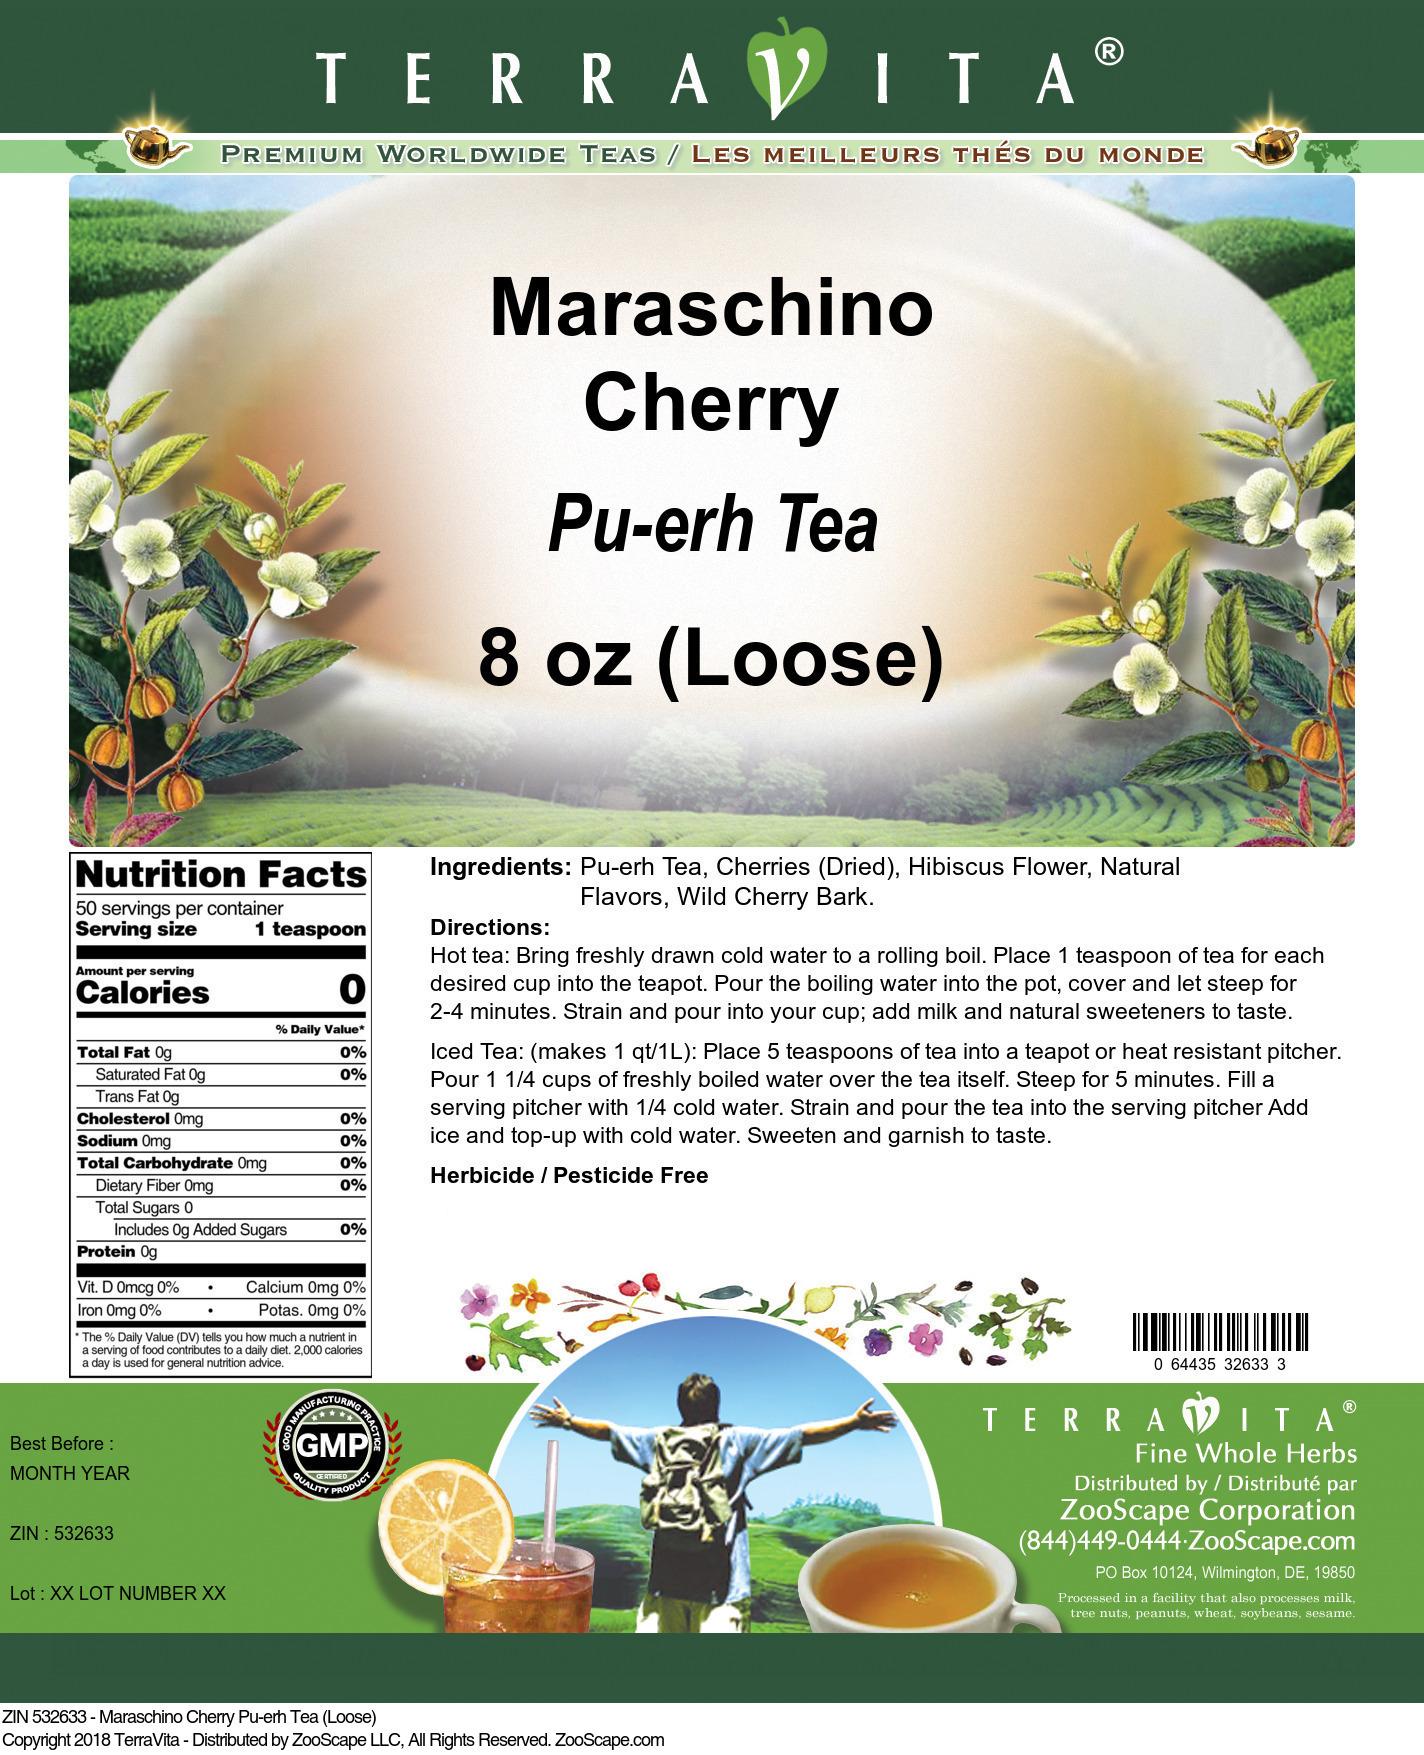 Maraschino Cherry Pu-erh Tea